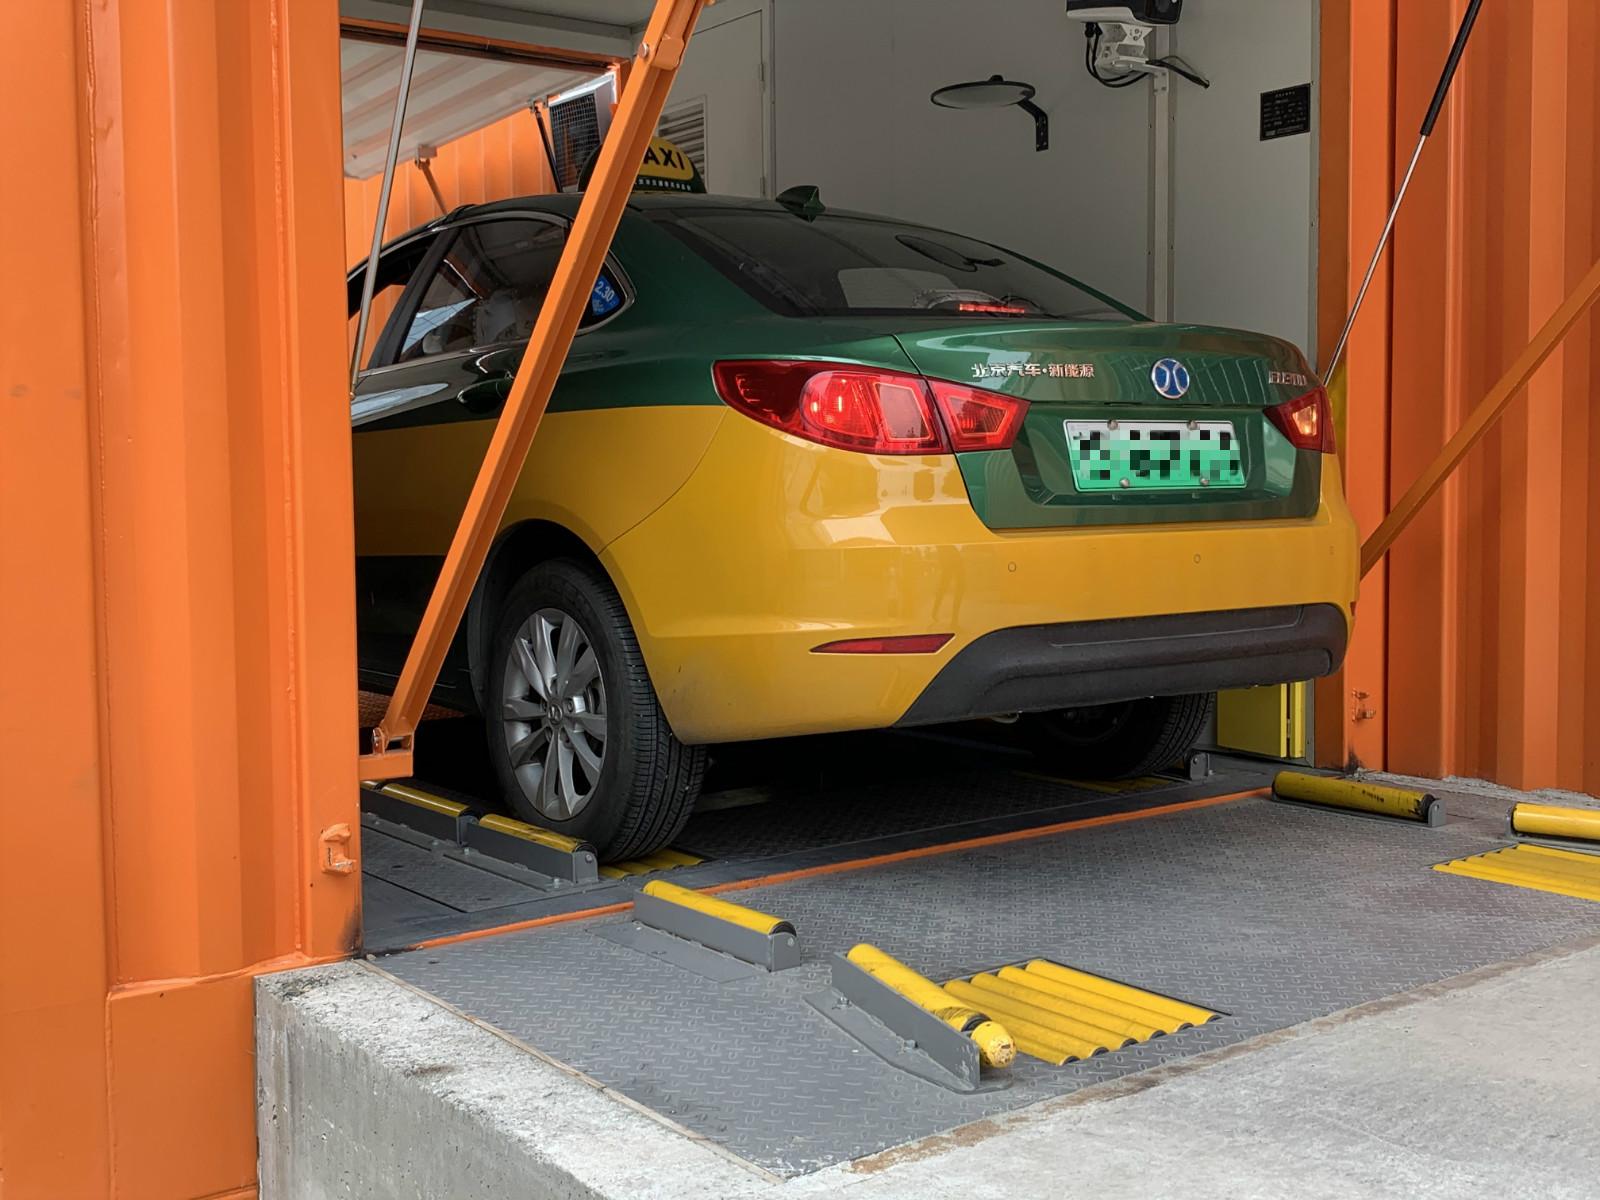 实探北京出租车换电市场:价格成普及最大阻碍,推广仍需时日